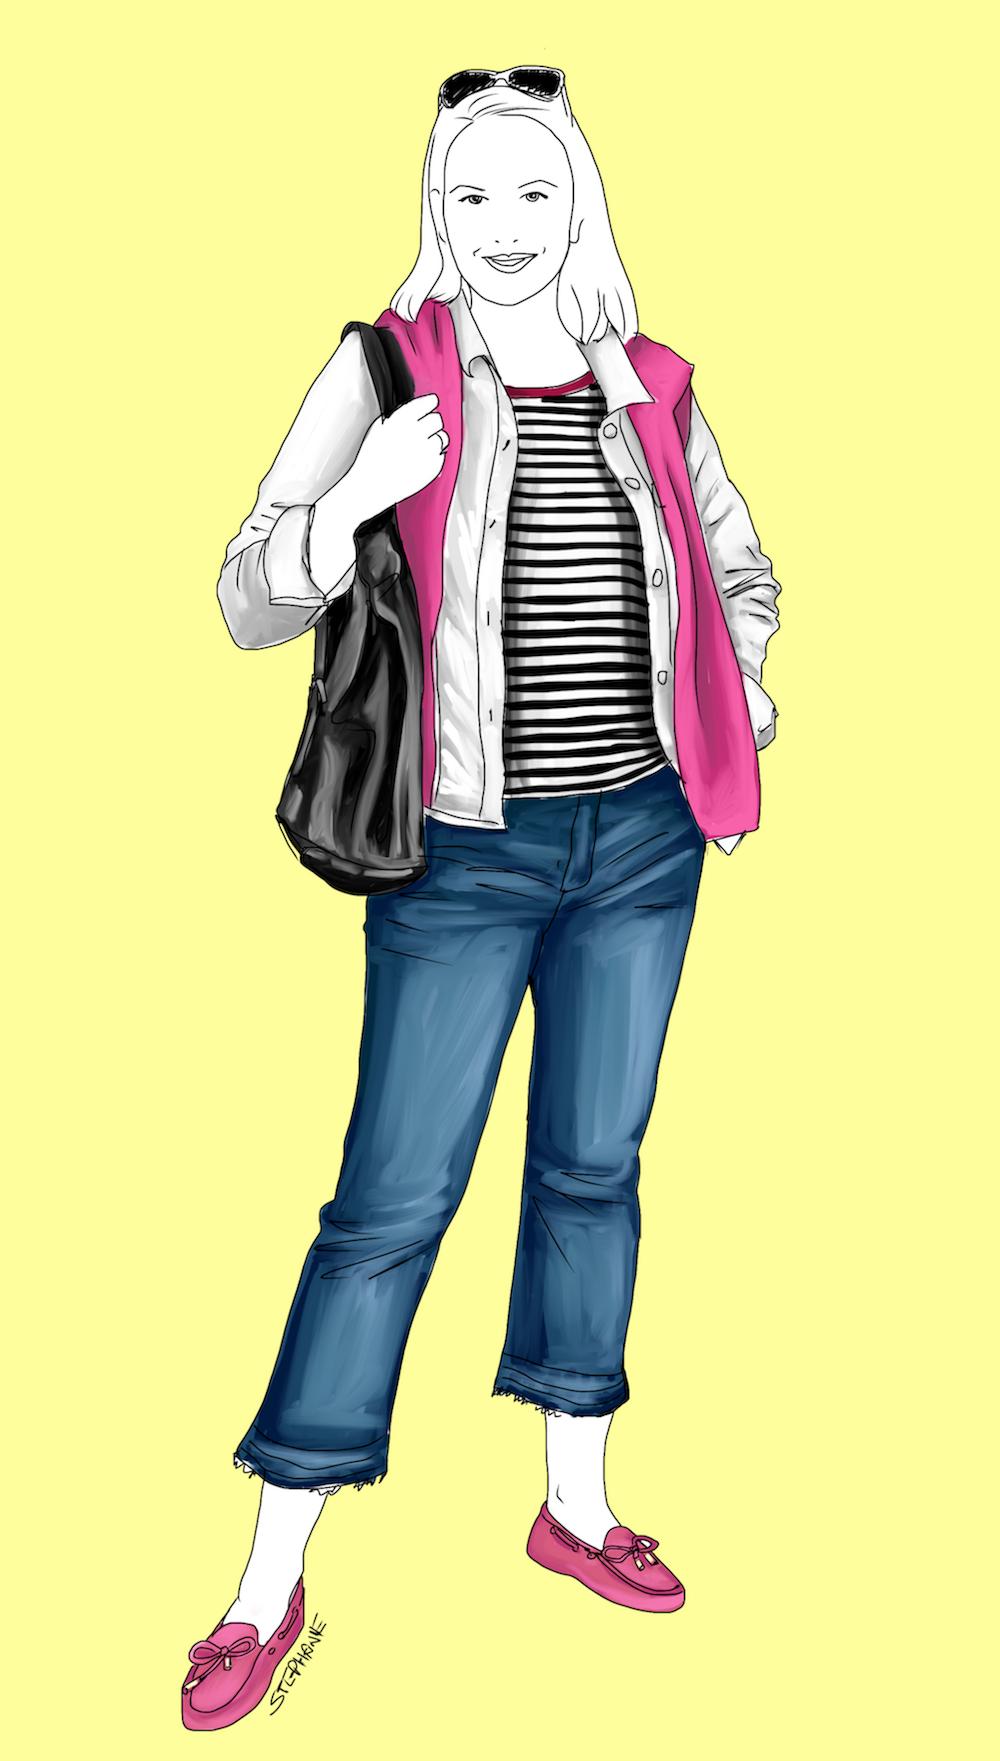 In diesem Outfit werde ich meine Reise antreten: trendy 7/8-Jeans, dazu mein geliebtes Ringel-Shirt, eine weiße Jeansjacke, ein Kaschmir-Pullover in Pink - auch als Schal-Ersatz - und bequeme Slipper. Dazu eine große Tote-Bag, in die alles passt sowie eine schicke Sonnenbrille. Alle Teile des Outfits werde ich auch im Urlaub tragen - nur luftiger kombiniert.